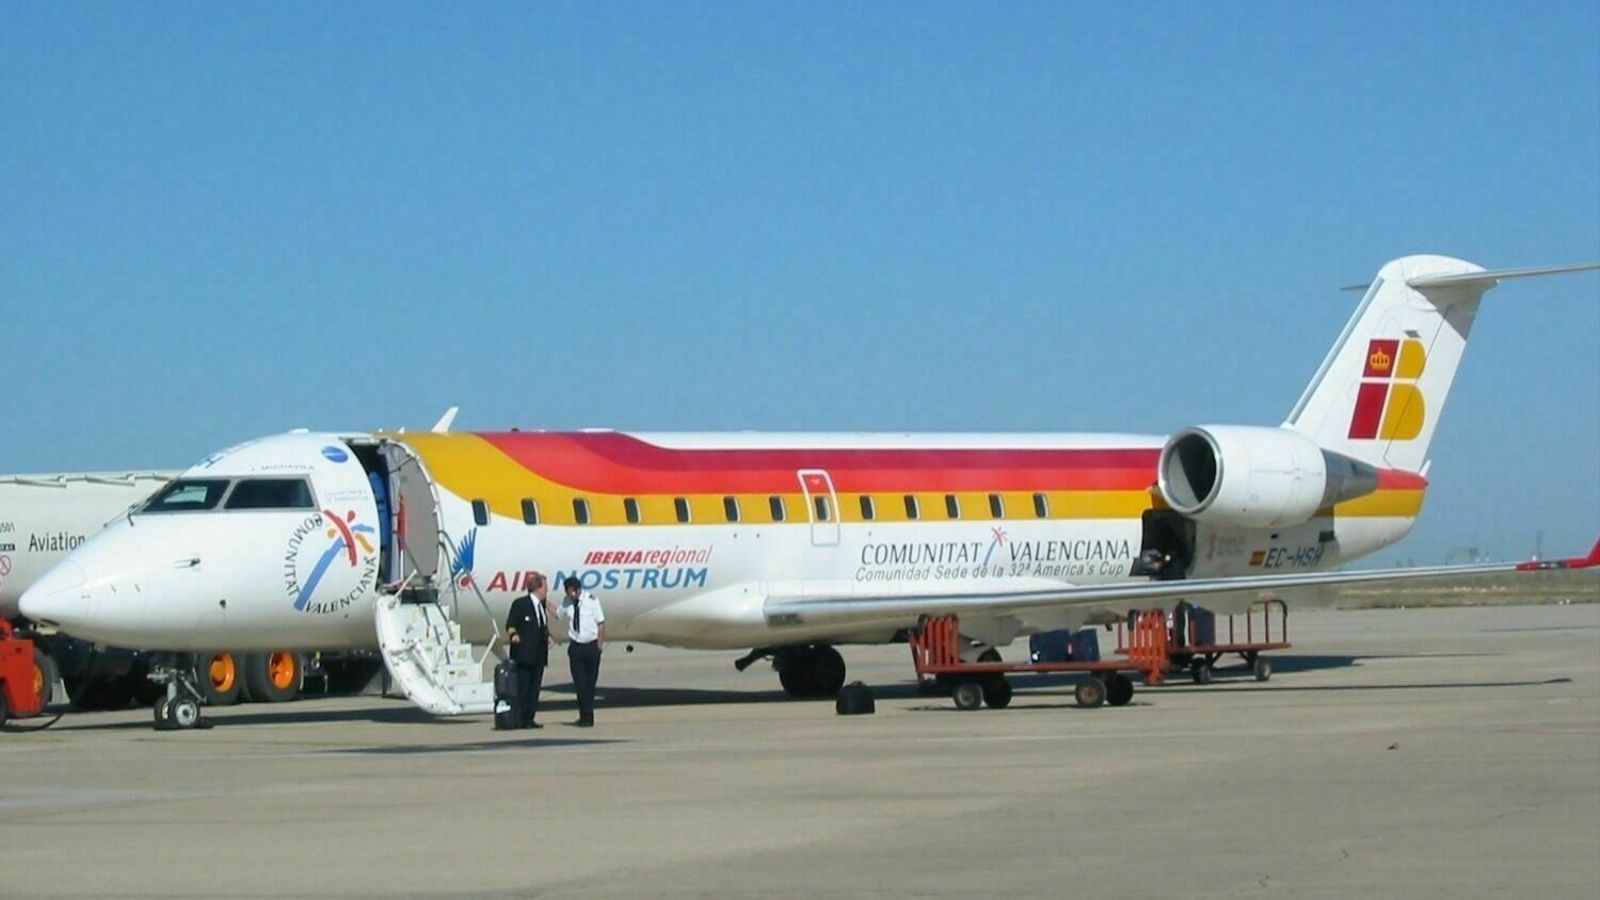 L'aturada de totes les rutes ha precipitat l'ERTO d'Air Nostrum que afectarà 1.500 treballadors.